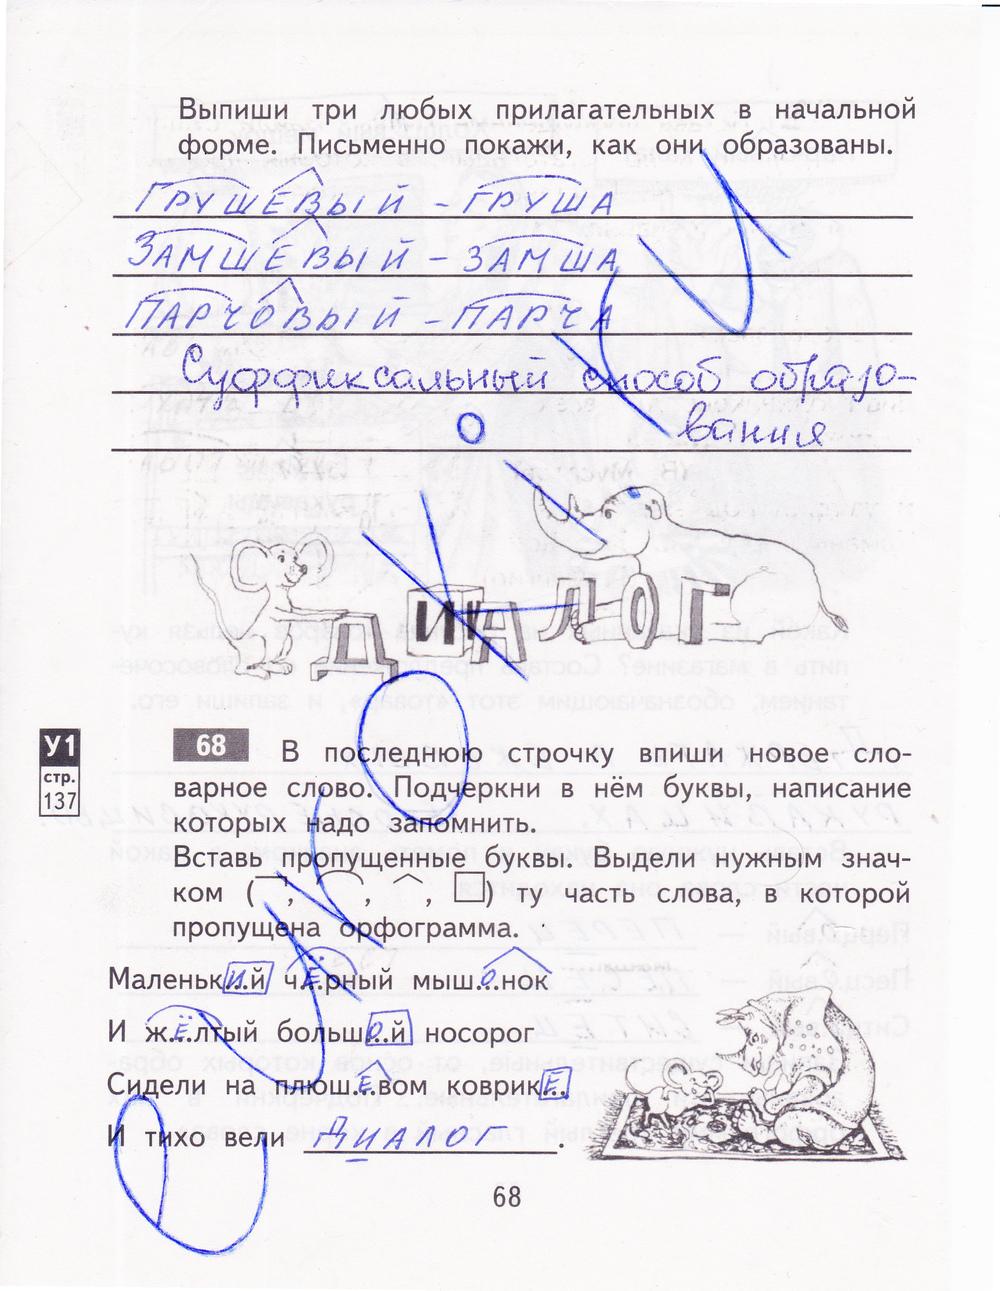 2 класс русский язык тетрадь упр 72 байковаrfr rfrfz ntvf d egh